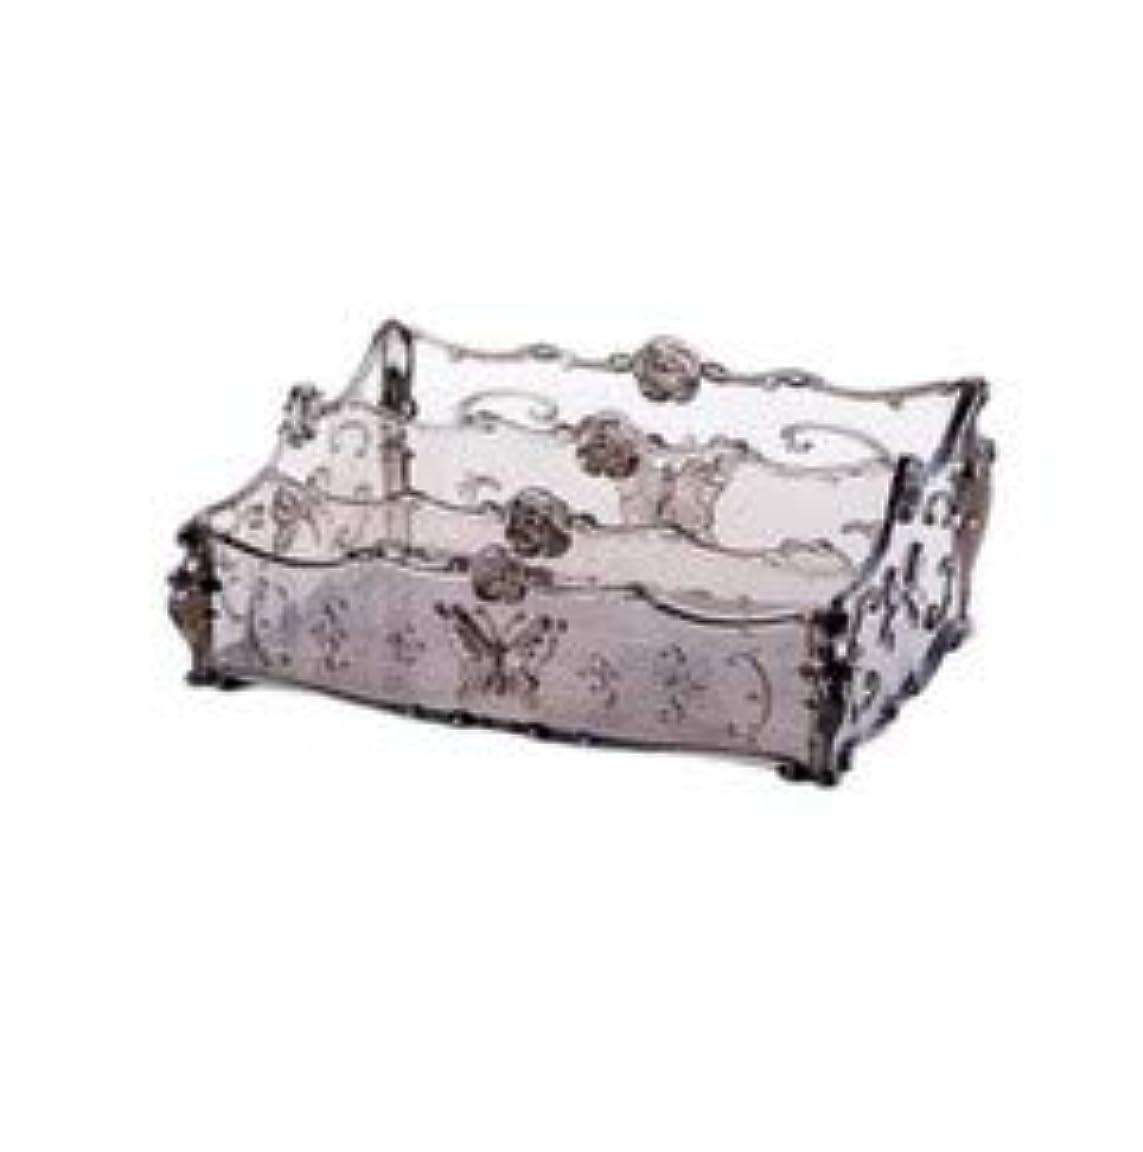 銛リスト証明するフラワー彫刻デスクトップ化粧品収納ボックス化粧台透明ラック家庭用プラスチックマルチカラースキンケア製品仕上げボックス (Color : Transparent gray)